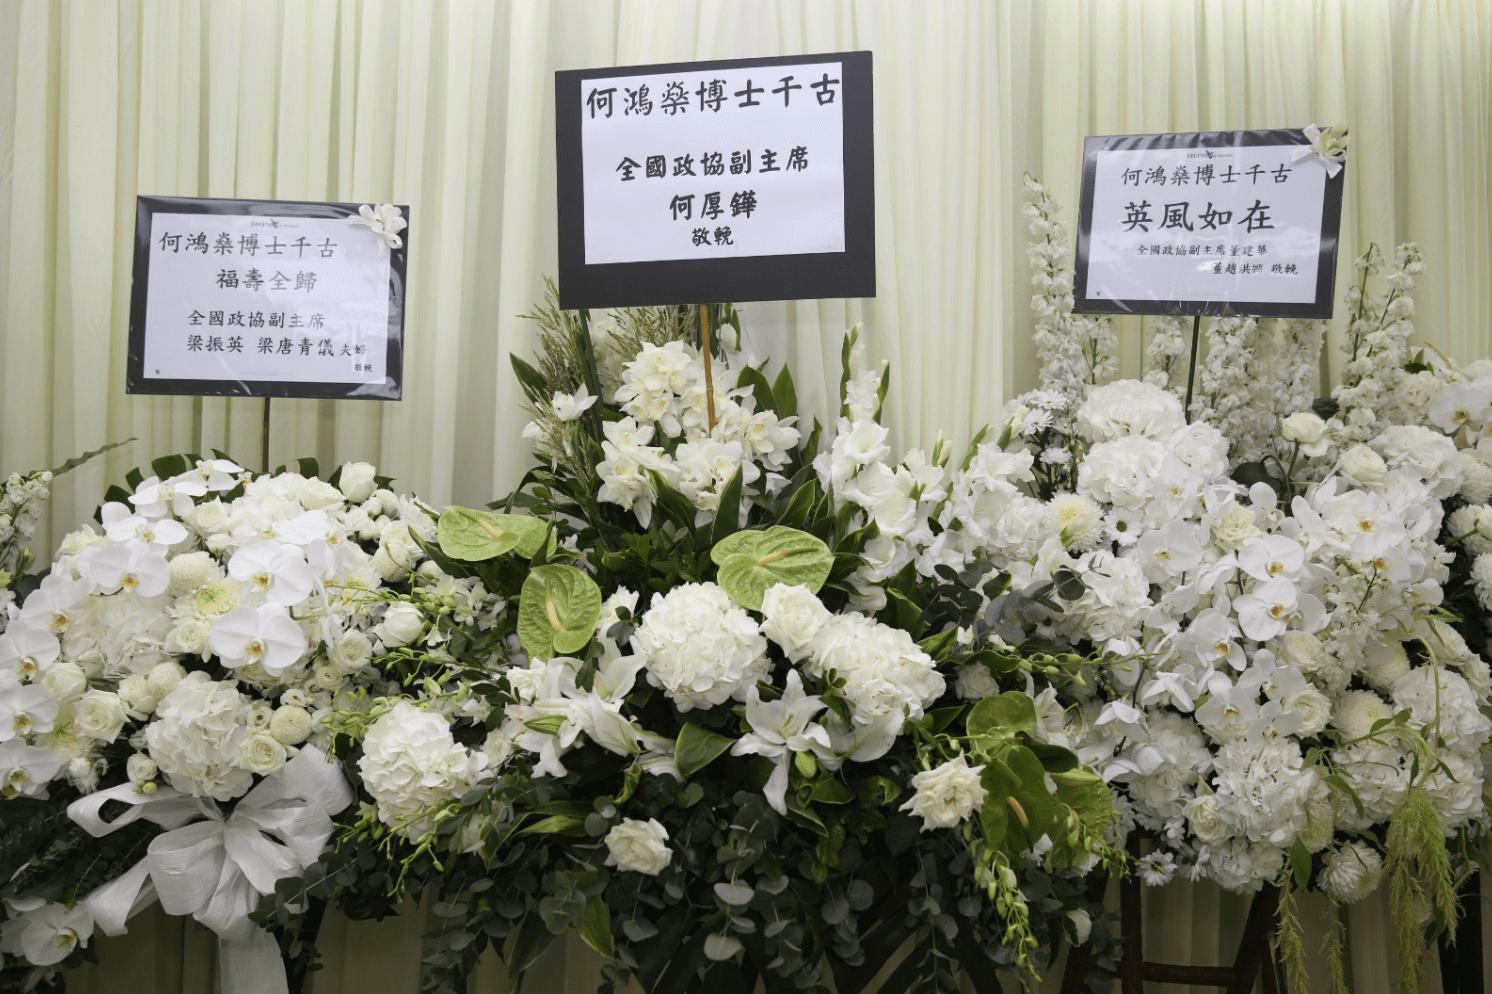 靈堂左側擺放由政界人士致送的悼念花圈。